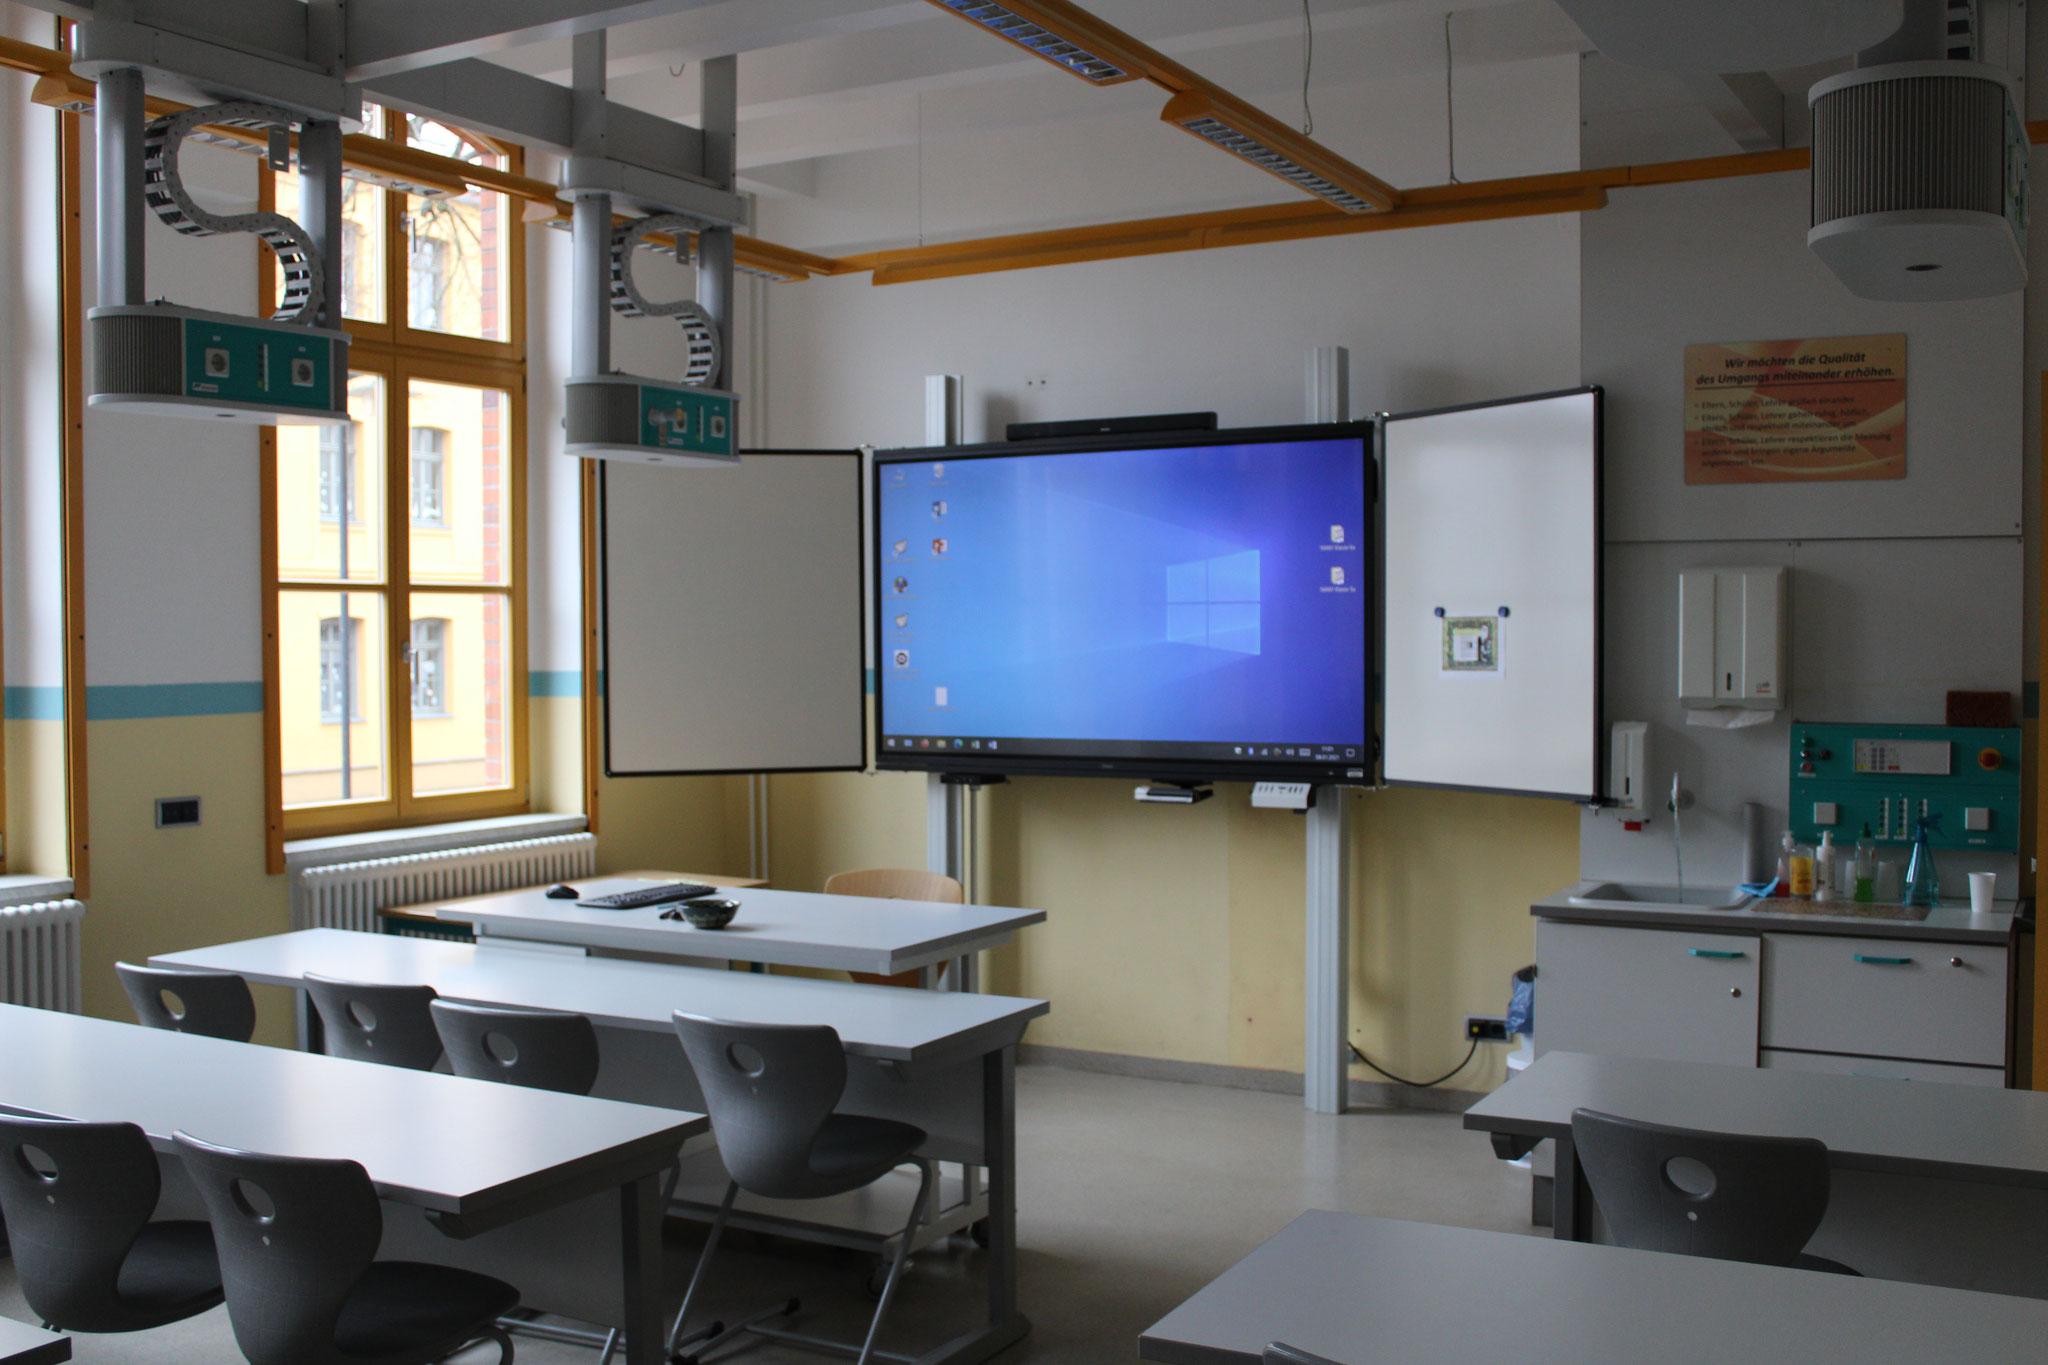 WAT- Raum mit elektronischer Tafel